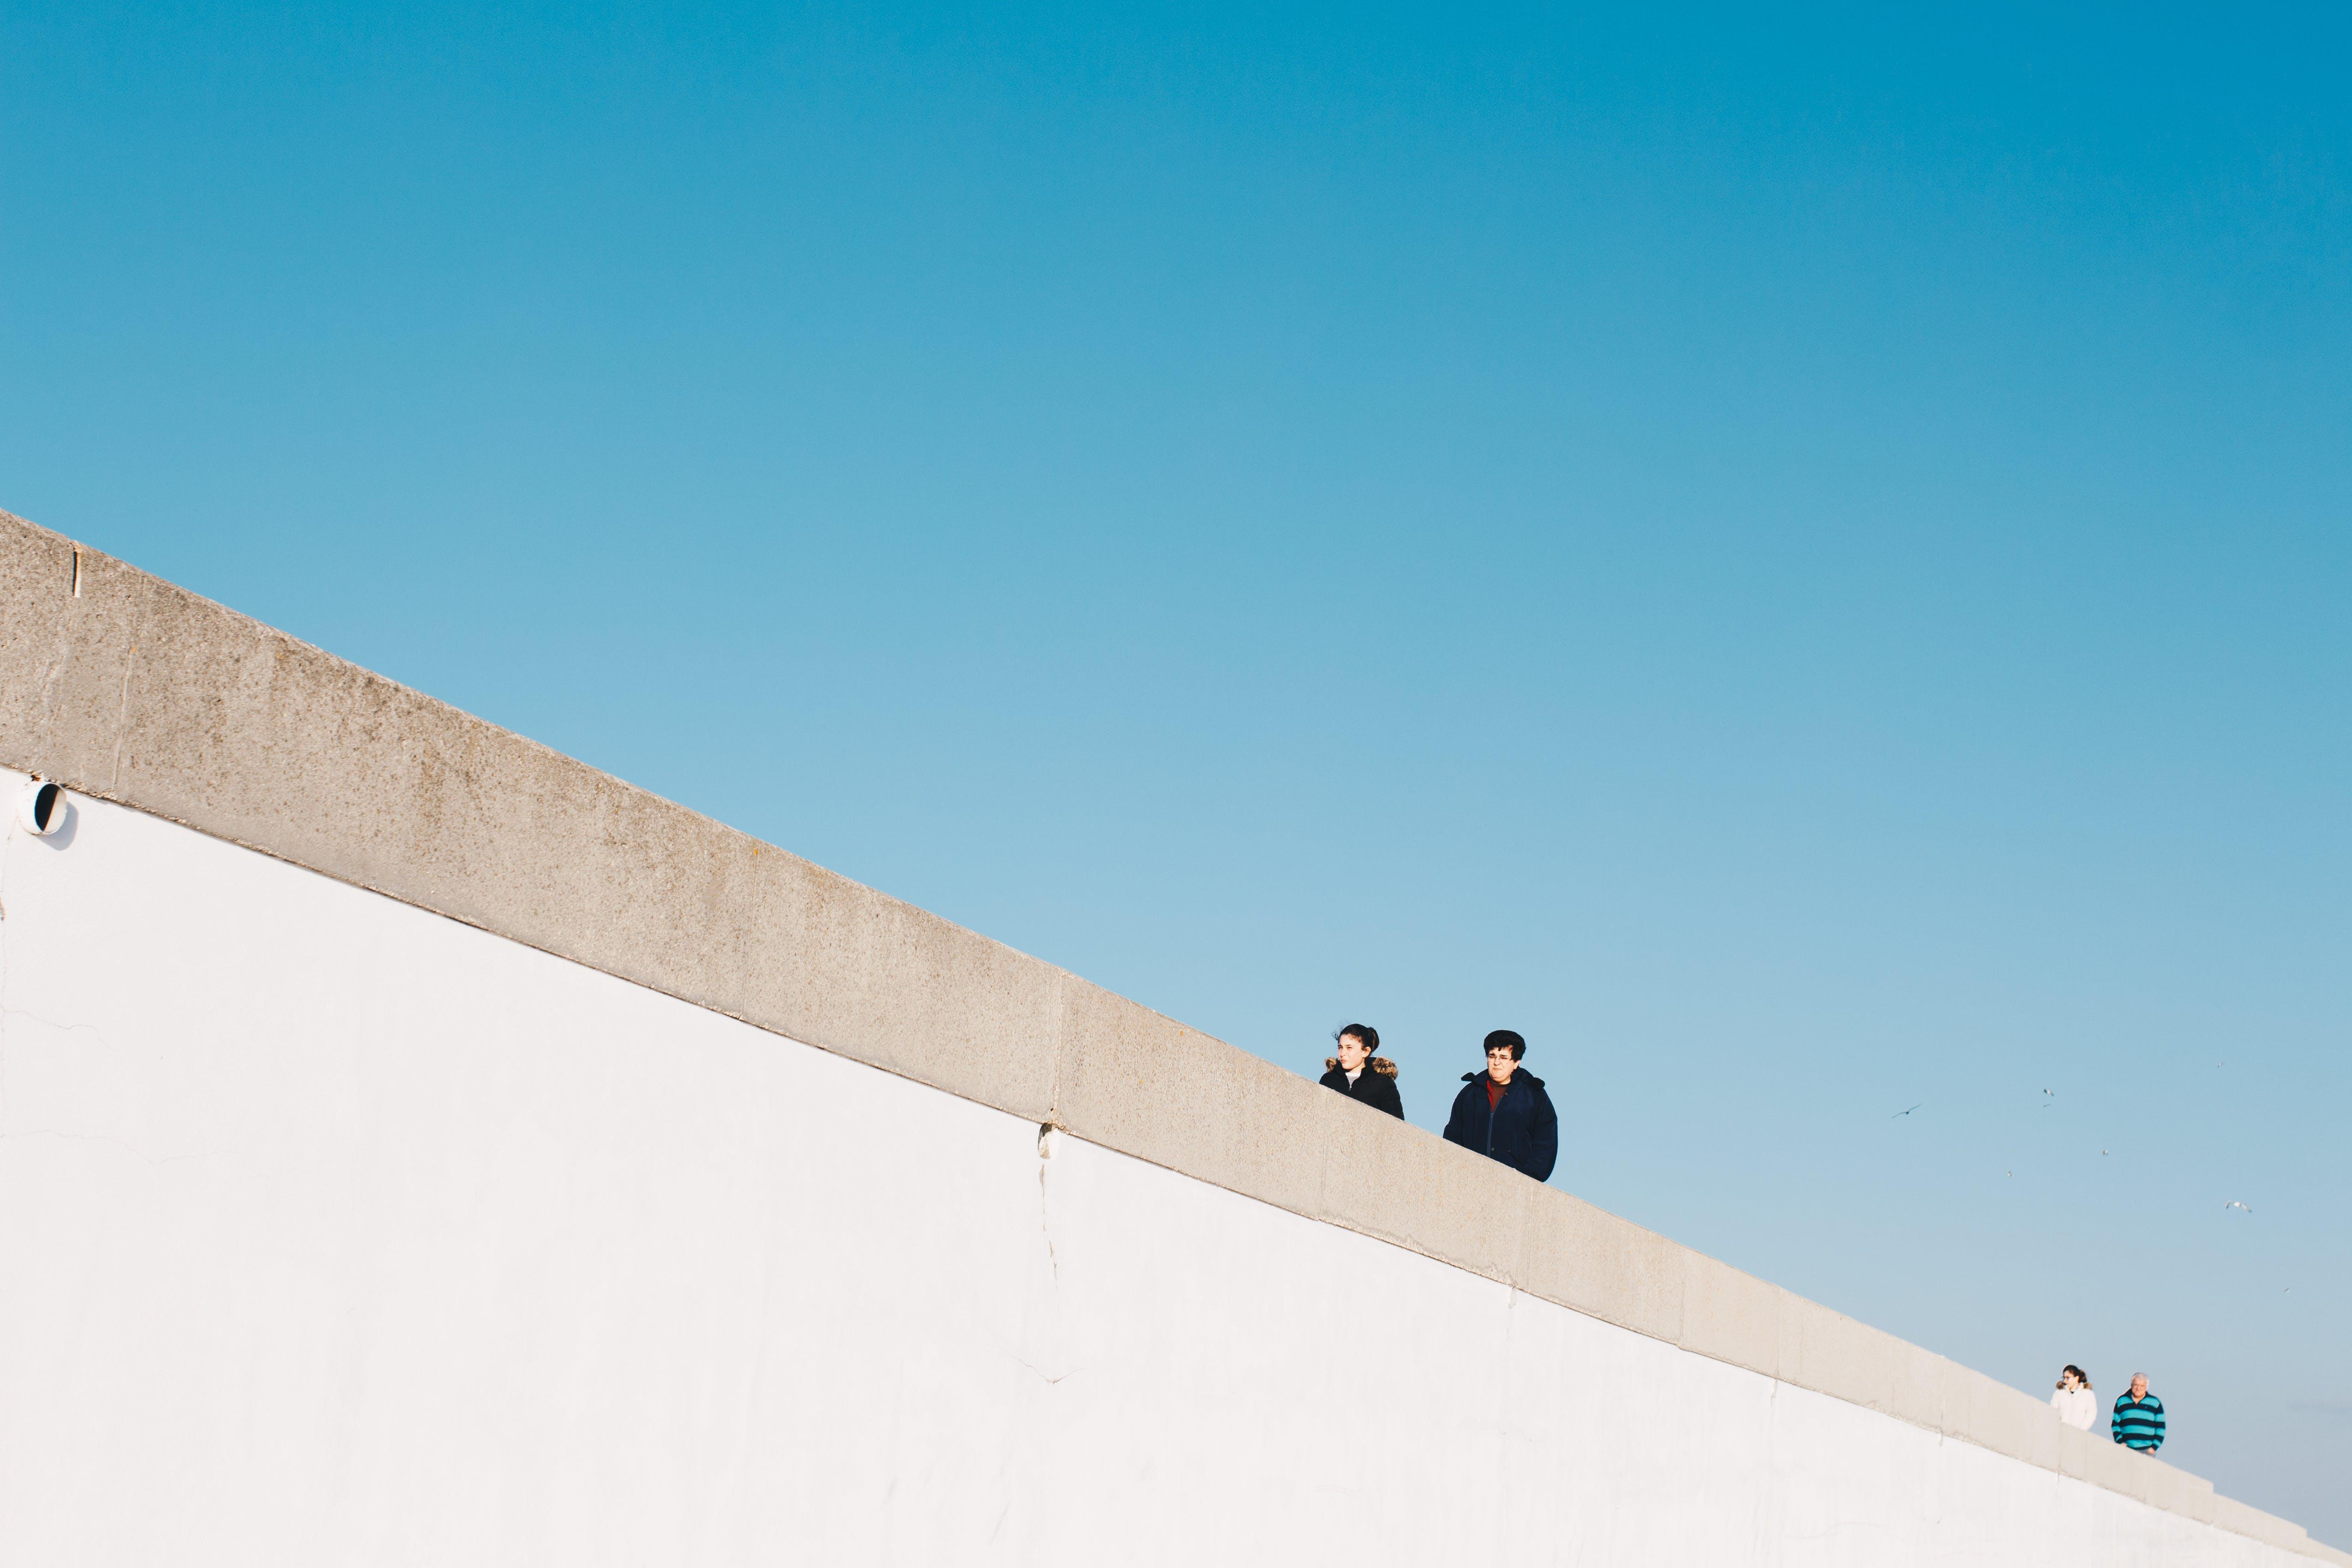 Δωρεάν στοκ φωτογραφιών με άνδρας, γαλάζιος ουρανός, ενήλικος, κτήριο